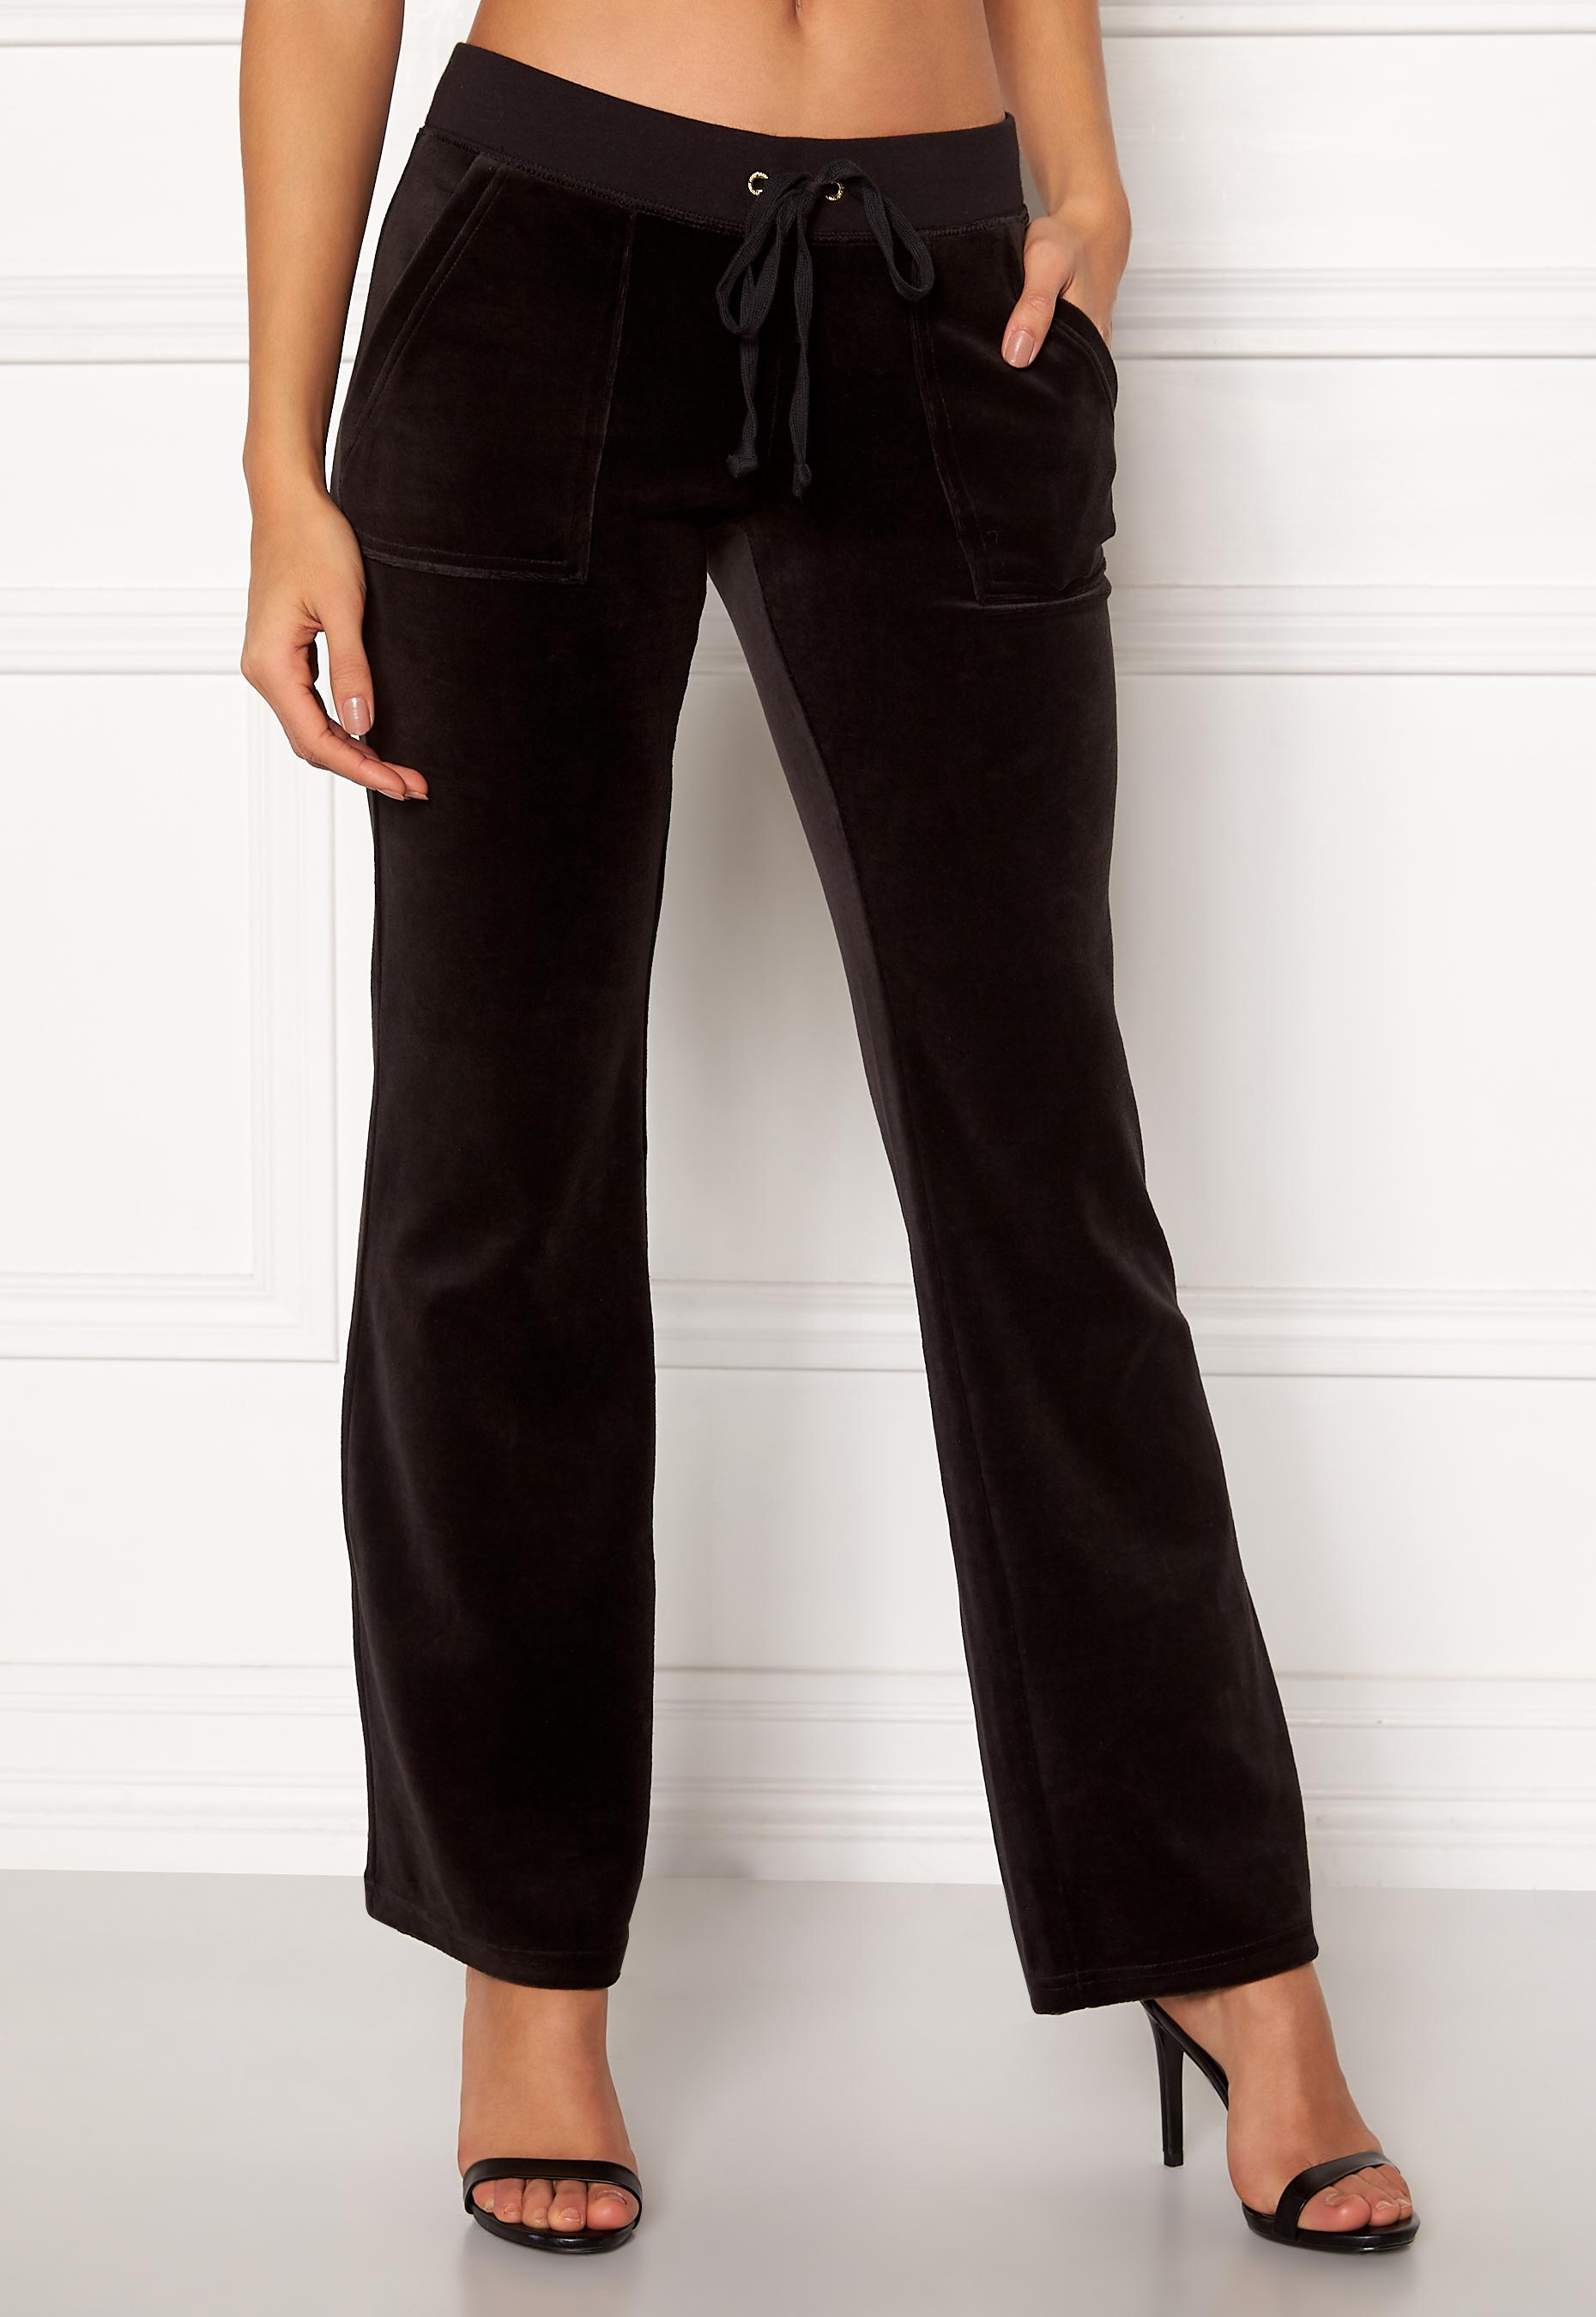 5642712e Juicy Couture Velour Del Rey Pant Pitch Black - Bubbleroom